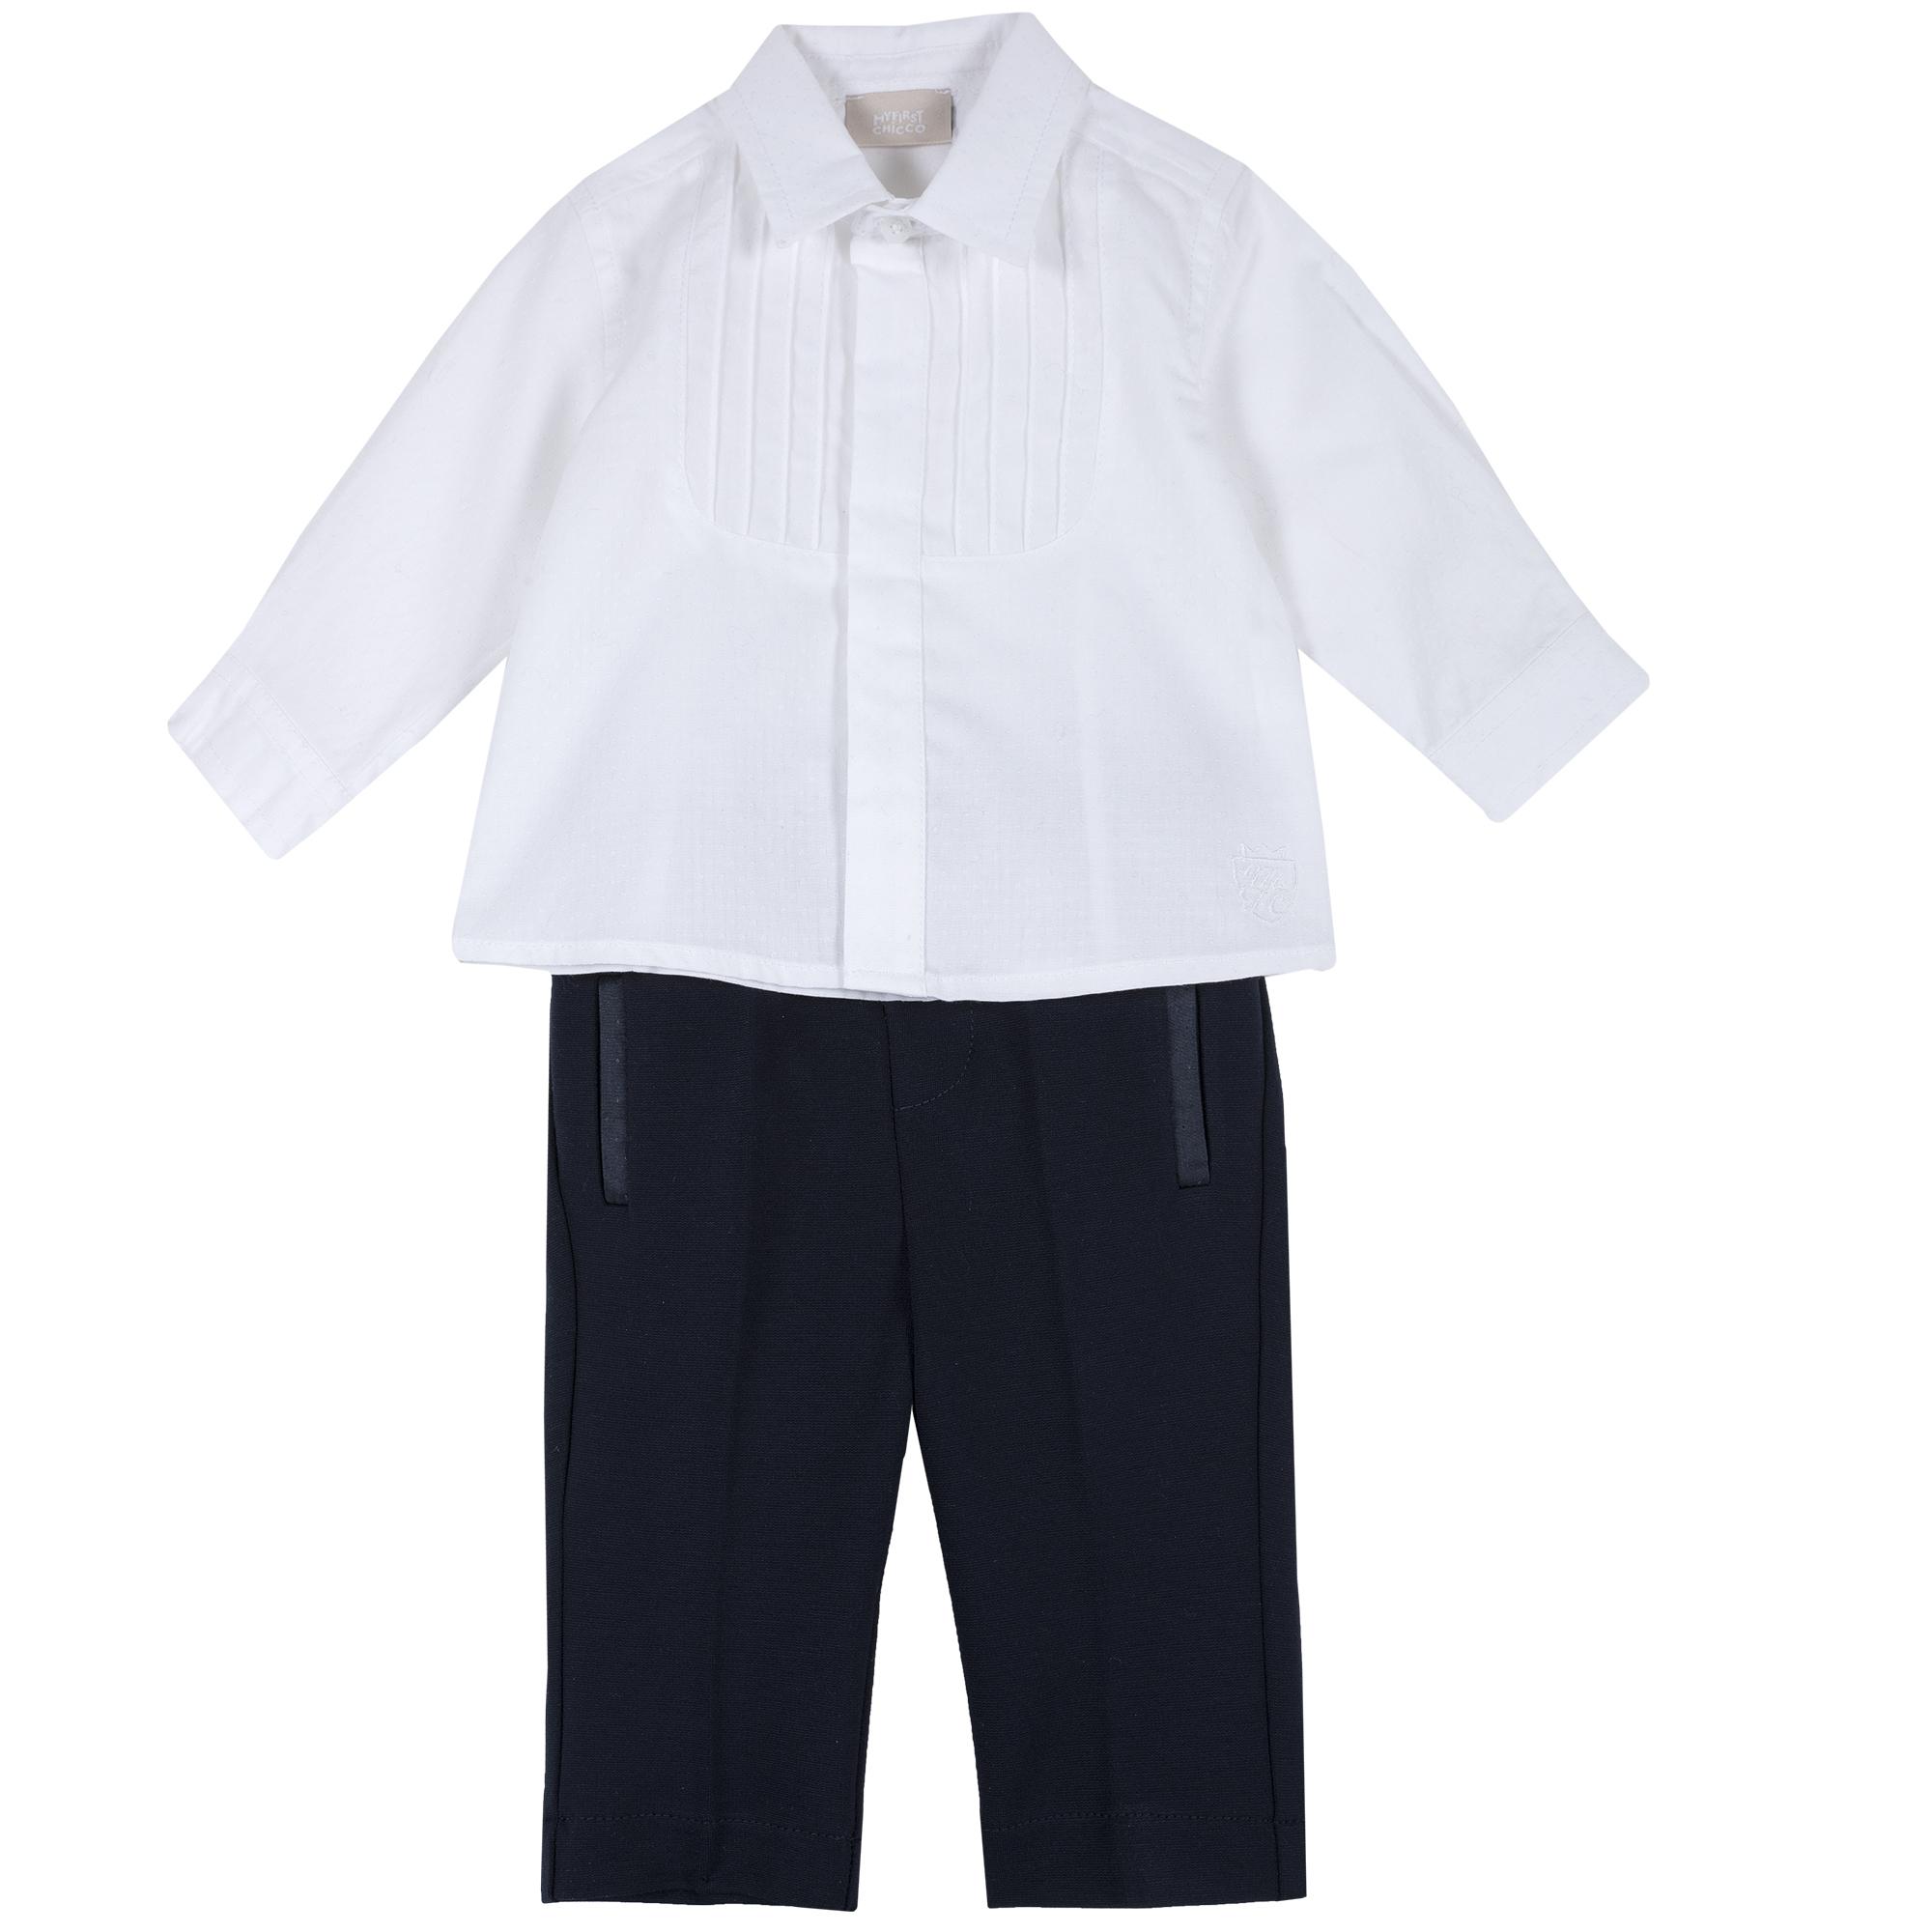 Costum botez copii Chicco, camasa si pantaloni, albastru, 76369 din categoria Set doua piese